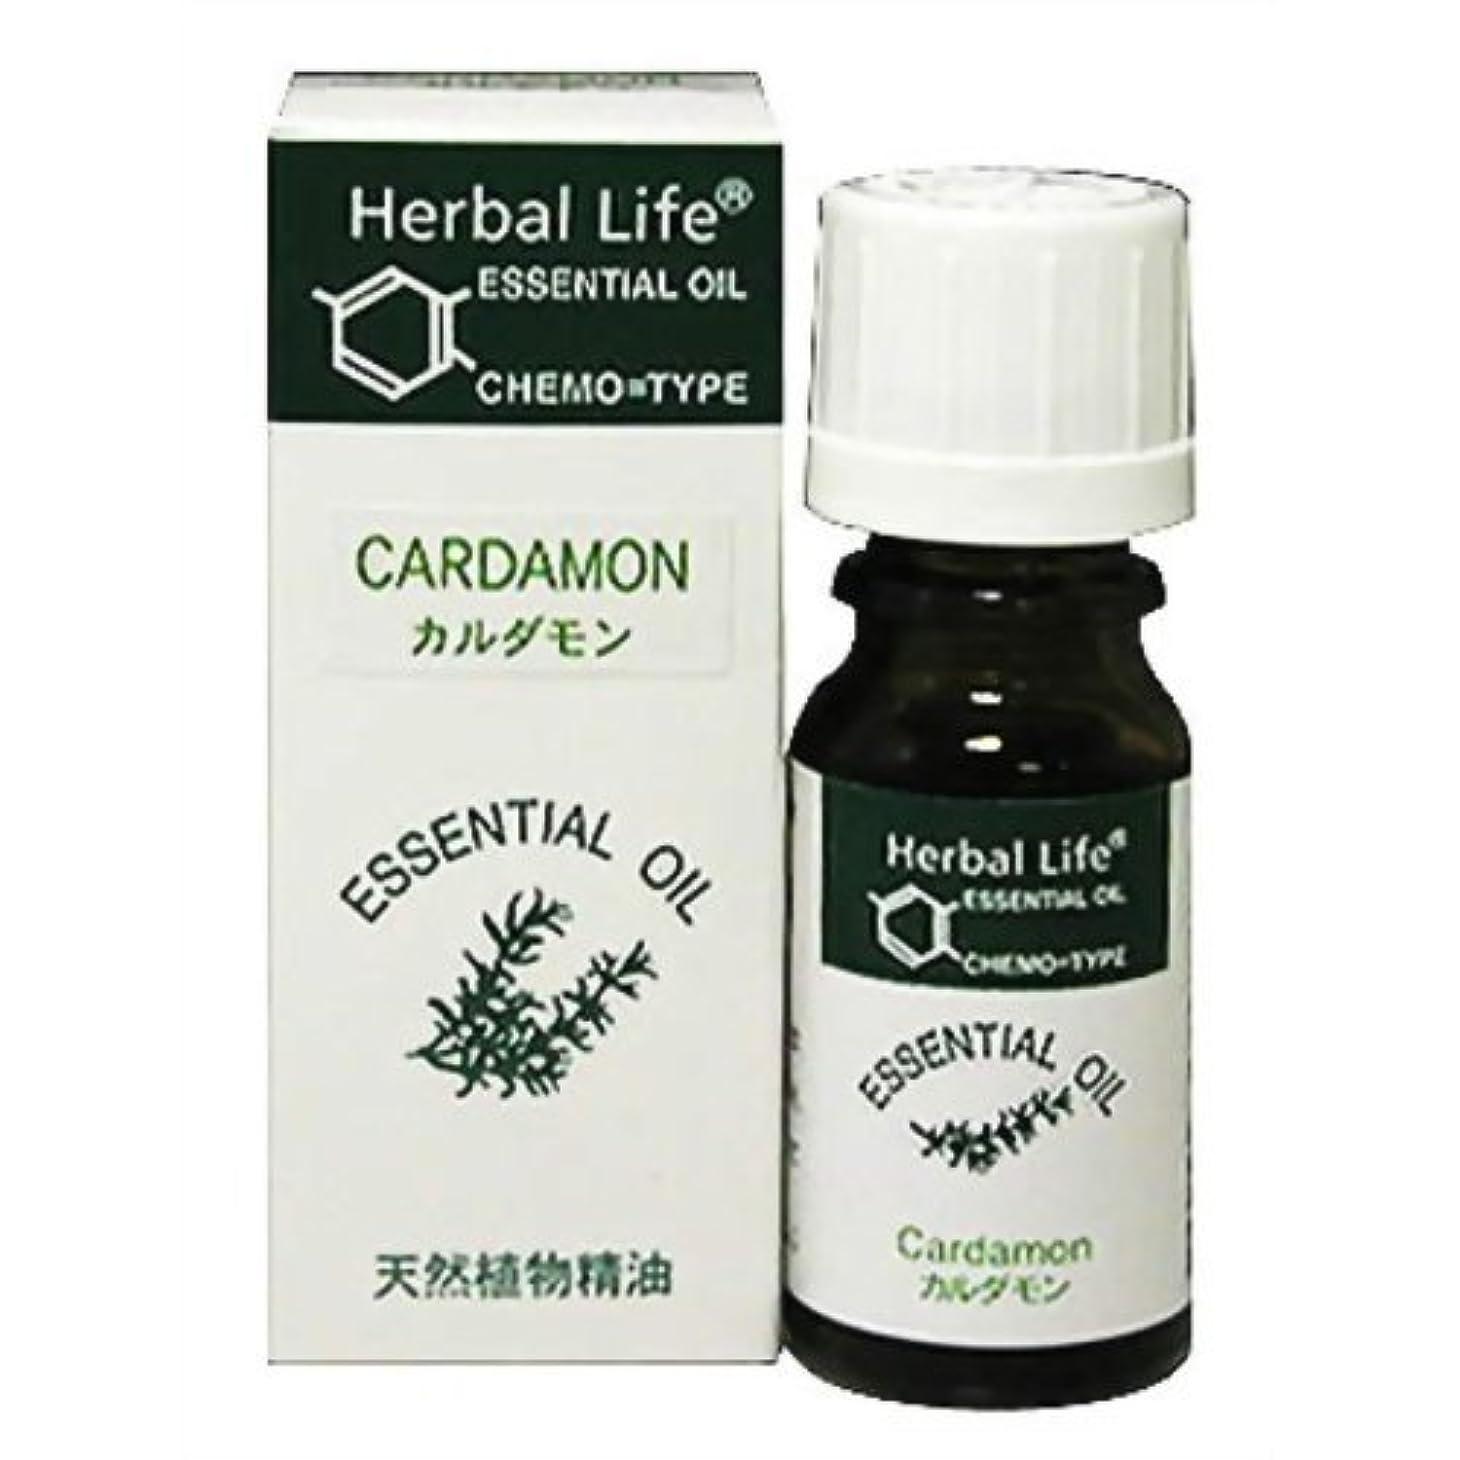 赤外線無効にする旅行代理店Herbal Life カルダモン 10ml